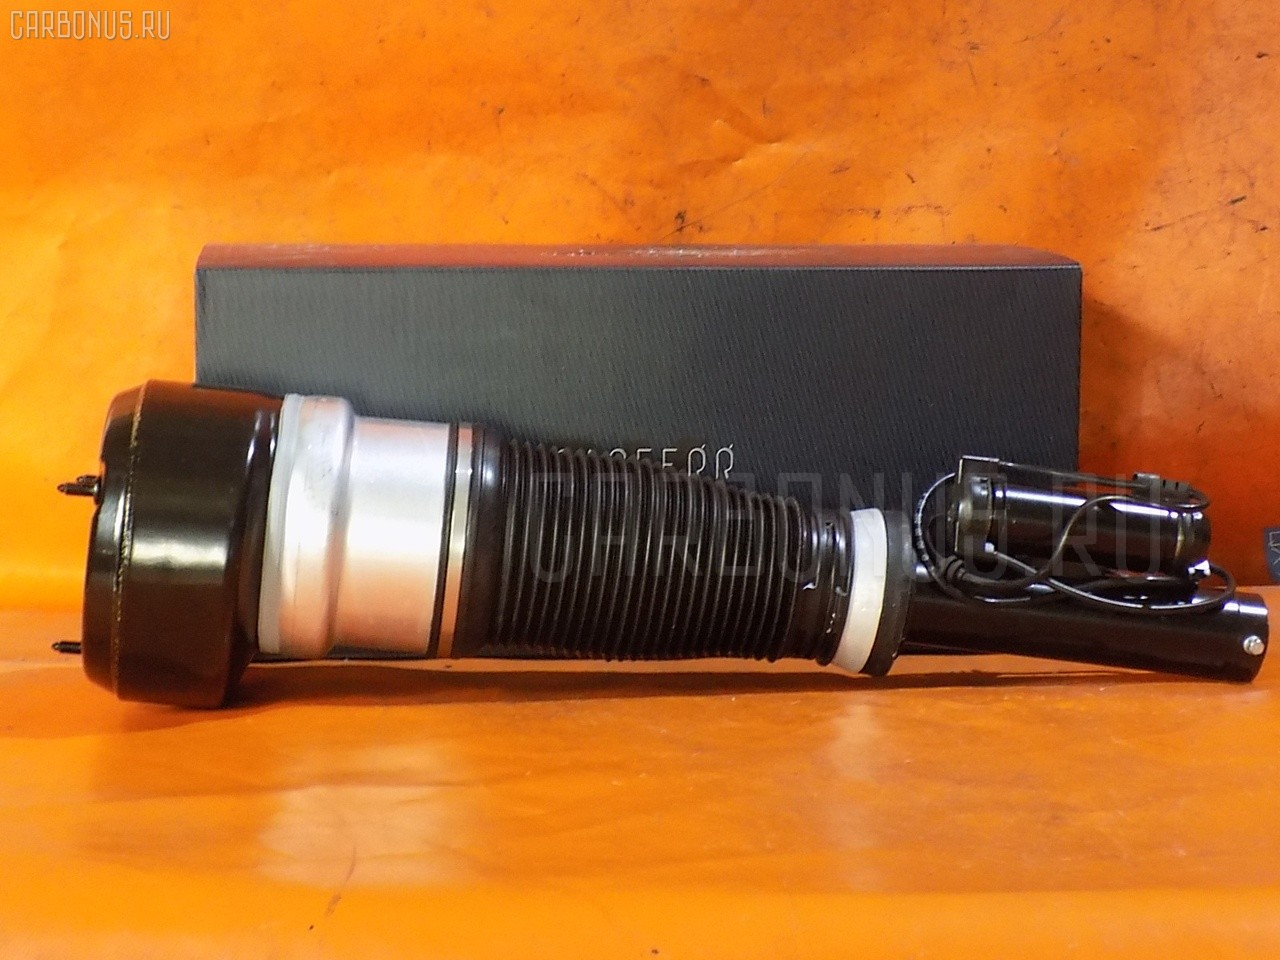 Стойка амортизатора CARFERR CR-049F-W221-AIR на Mercedes-Benz S-Class W221 Фото 1